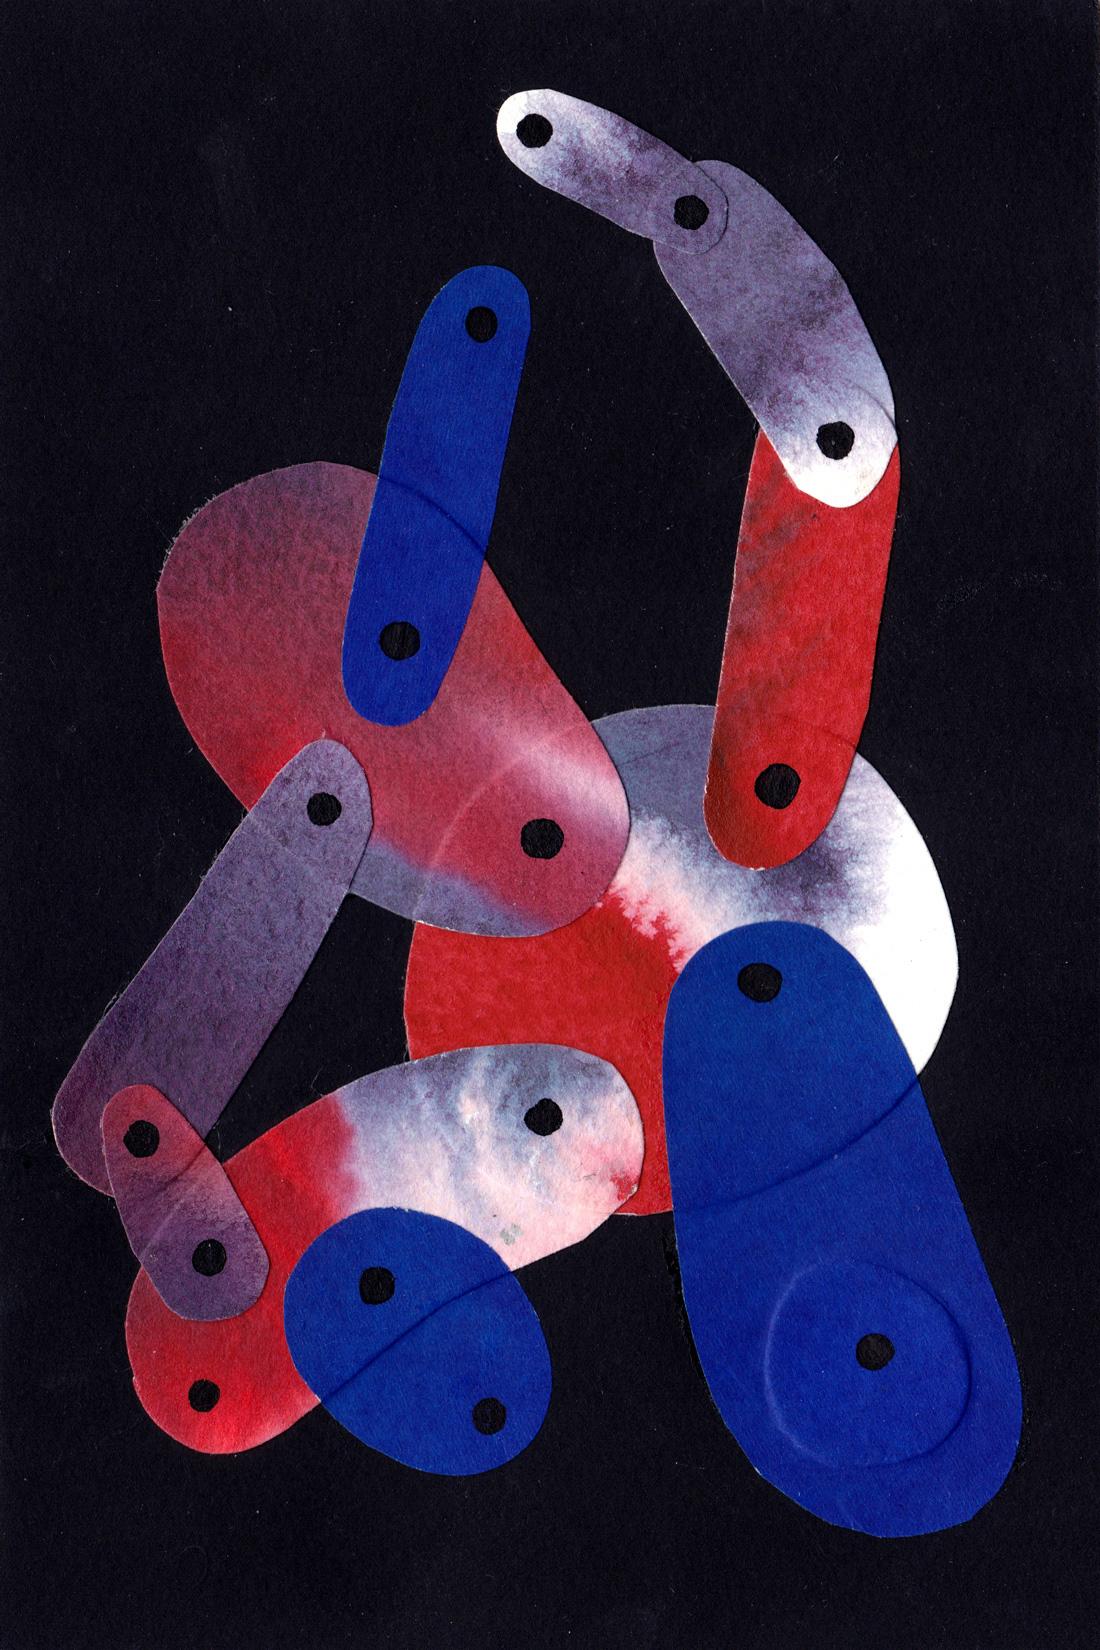 Petit collage de papier et peinture bleu et rouge sur fond noir format A6